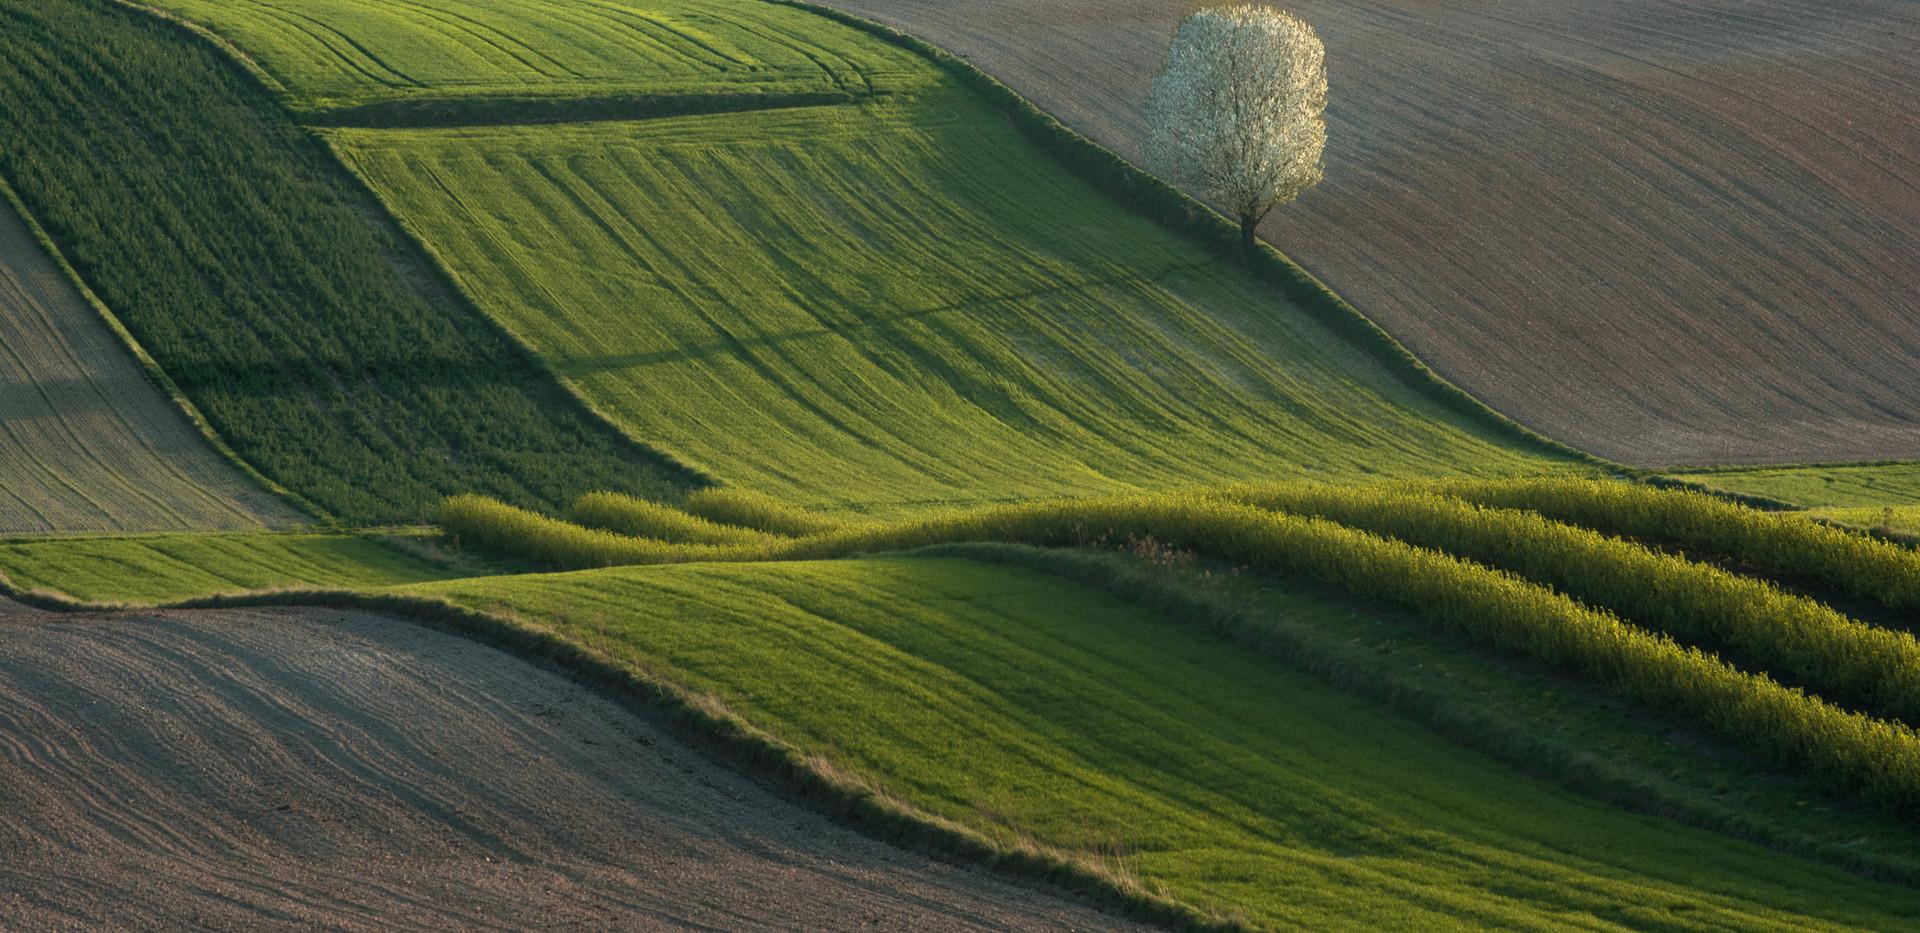 """Zdjęcie z tomiku wierszy """"Dopóki ptaki śpiewają"""" Małgorzata Chomont, 2019 r. """"Zielone dywany""""  Fragment wiersza:  """"...a gdy oczy moje zielonością się przepełniają, gdzieś w mojej duszy powstaje pytanie. Czy tam w niebie też mają takie zielone dywany?..."""""""